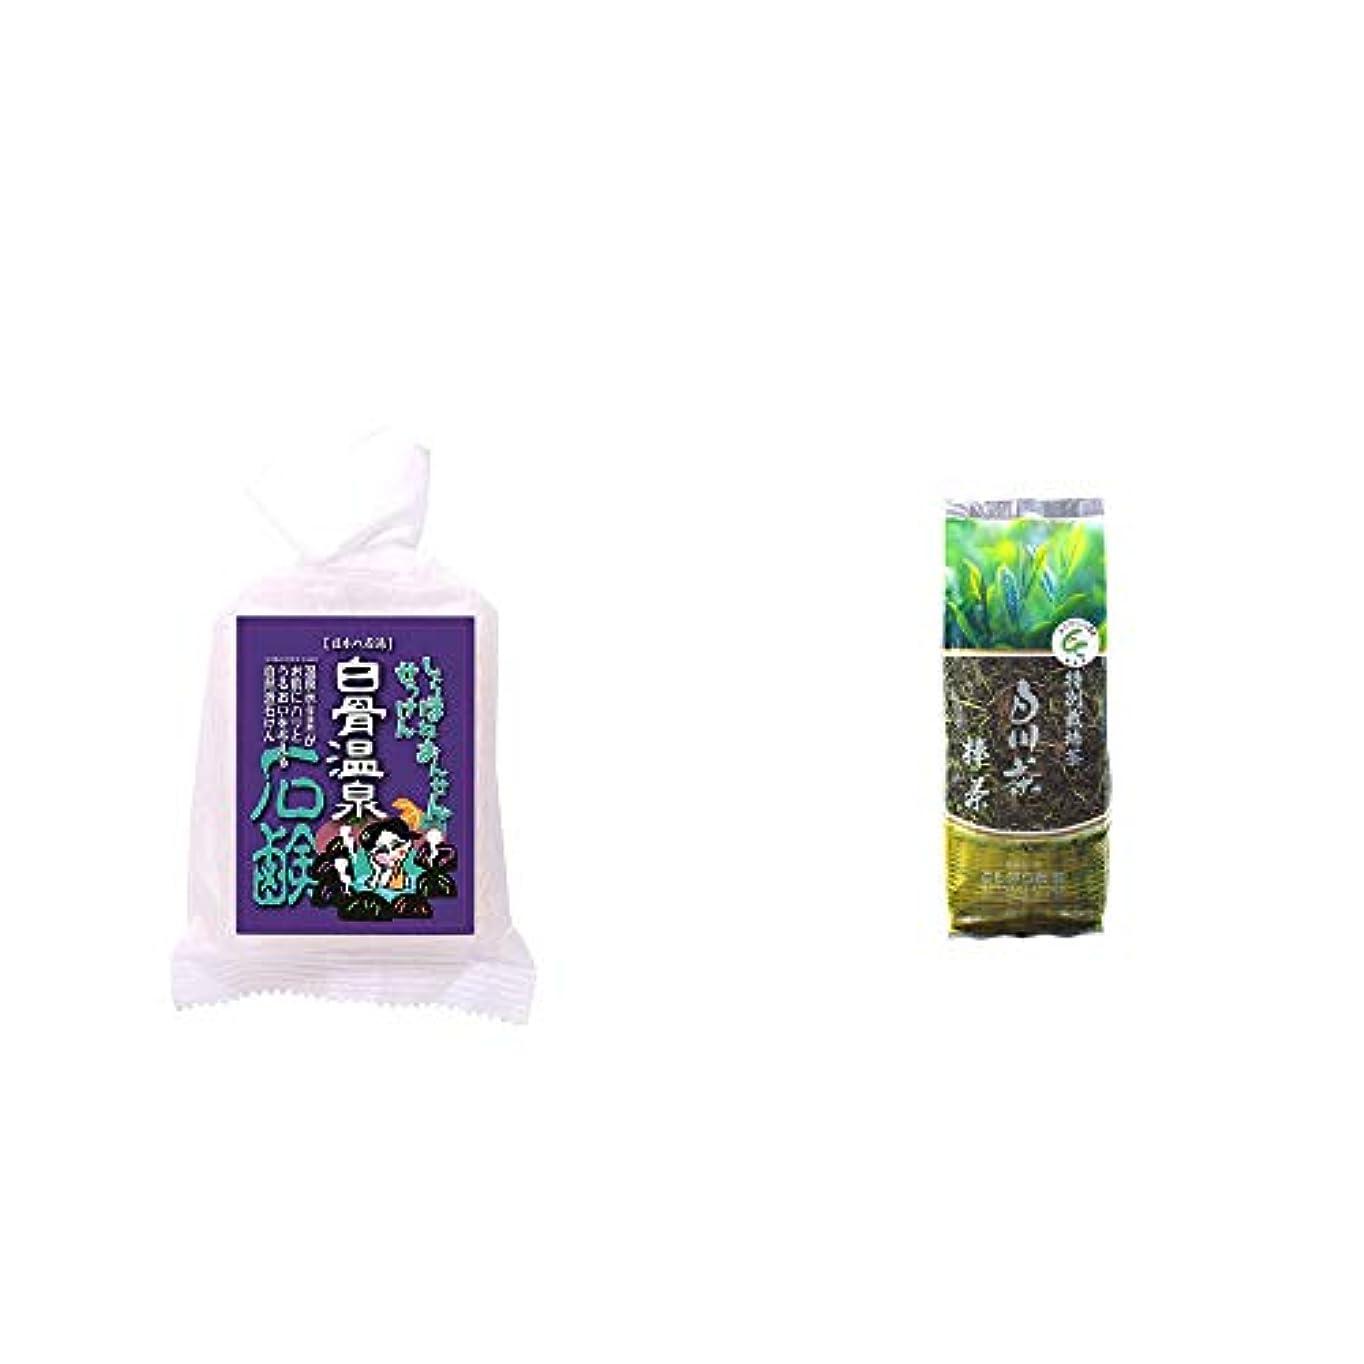 微生物何でも古風な[2点セット] 信州 白骨温泉石鹸(80g)?白川茶 特別栽培茶【棒茶】(150g)